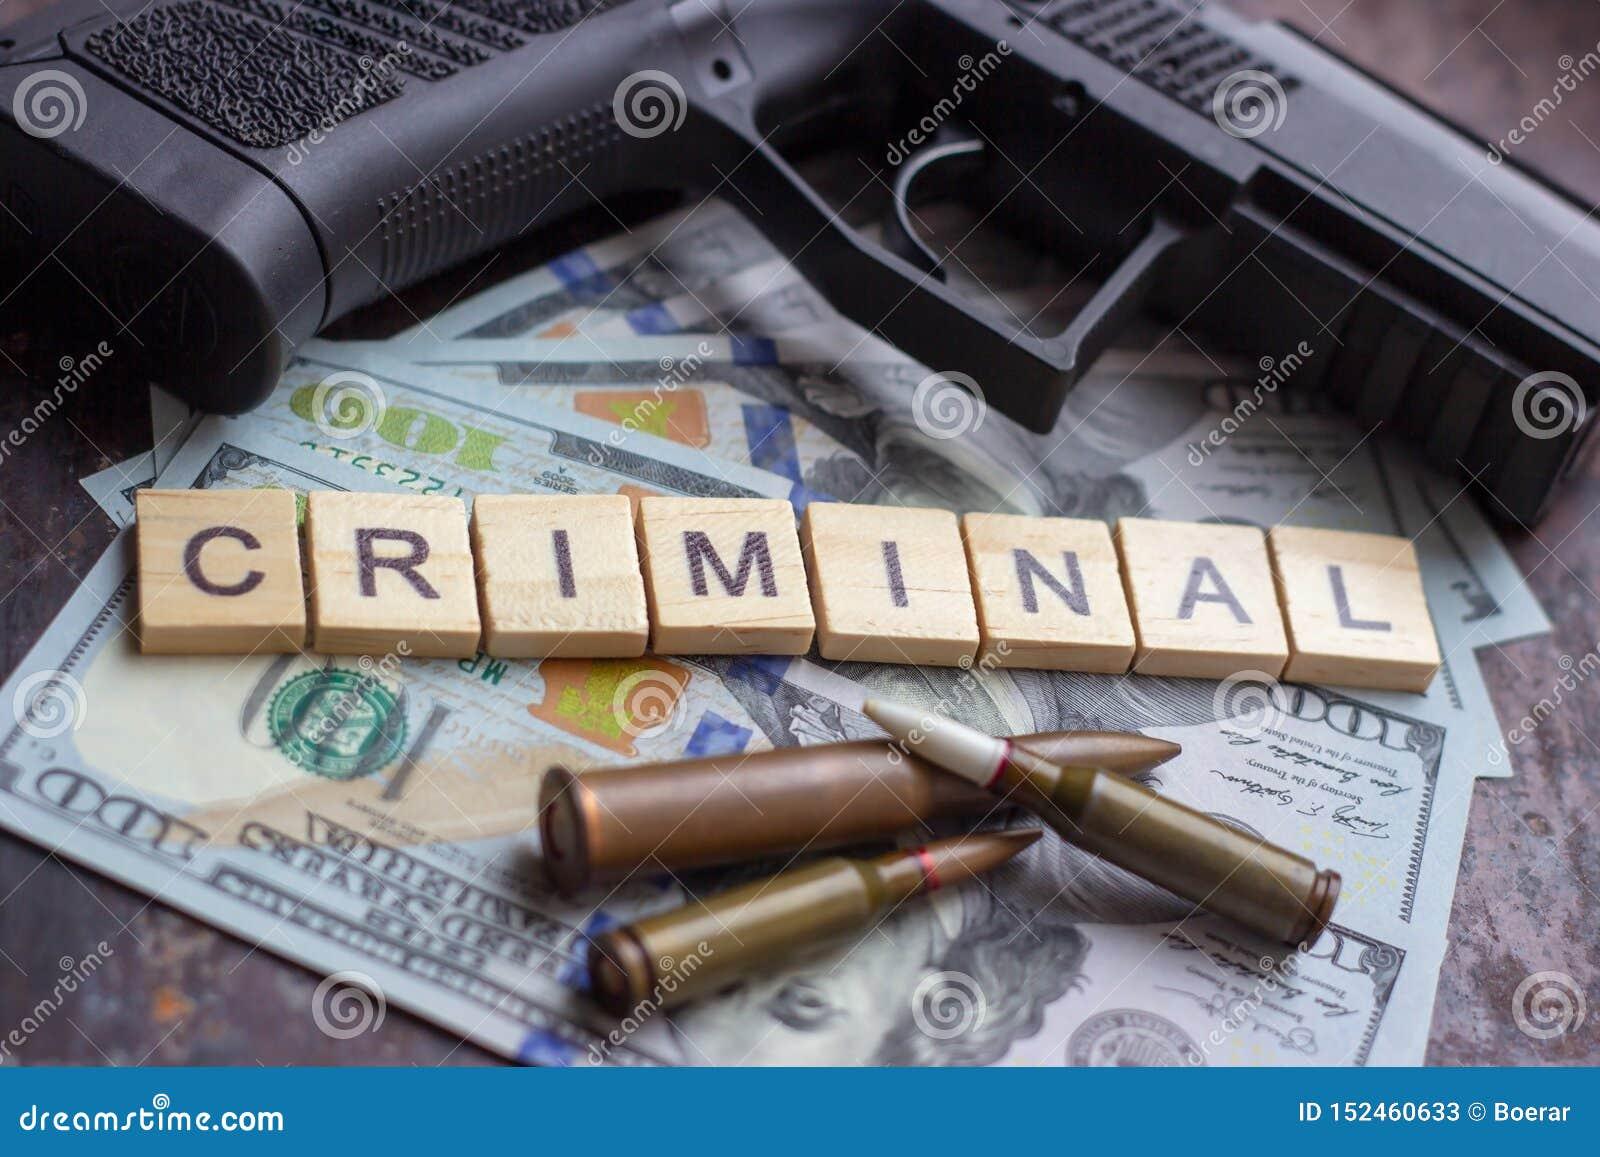 Εγκληματικό σημάδι στο υπόβαθρο αμερικανικών δολαρίων Μαύρη αγορά, δολοφονία συμβάσεων, ληστεία, μαφία και έννοια εγκλήματος